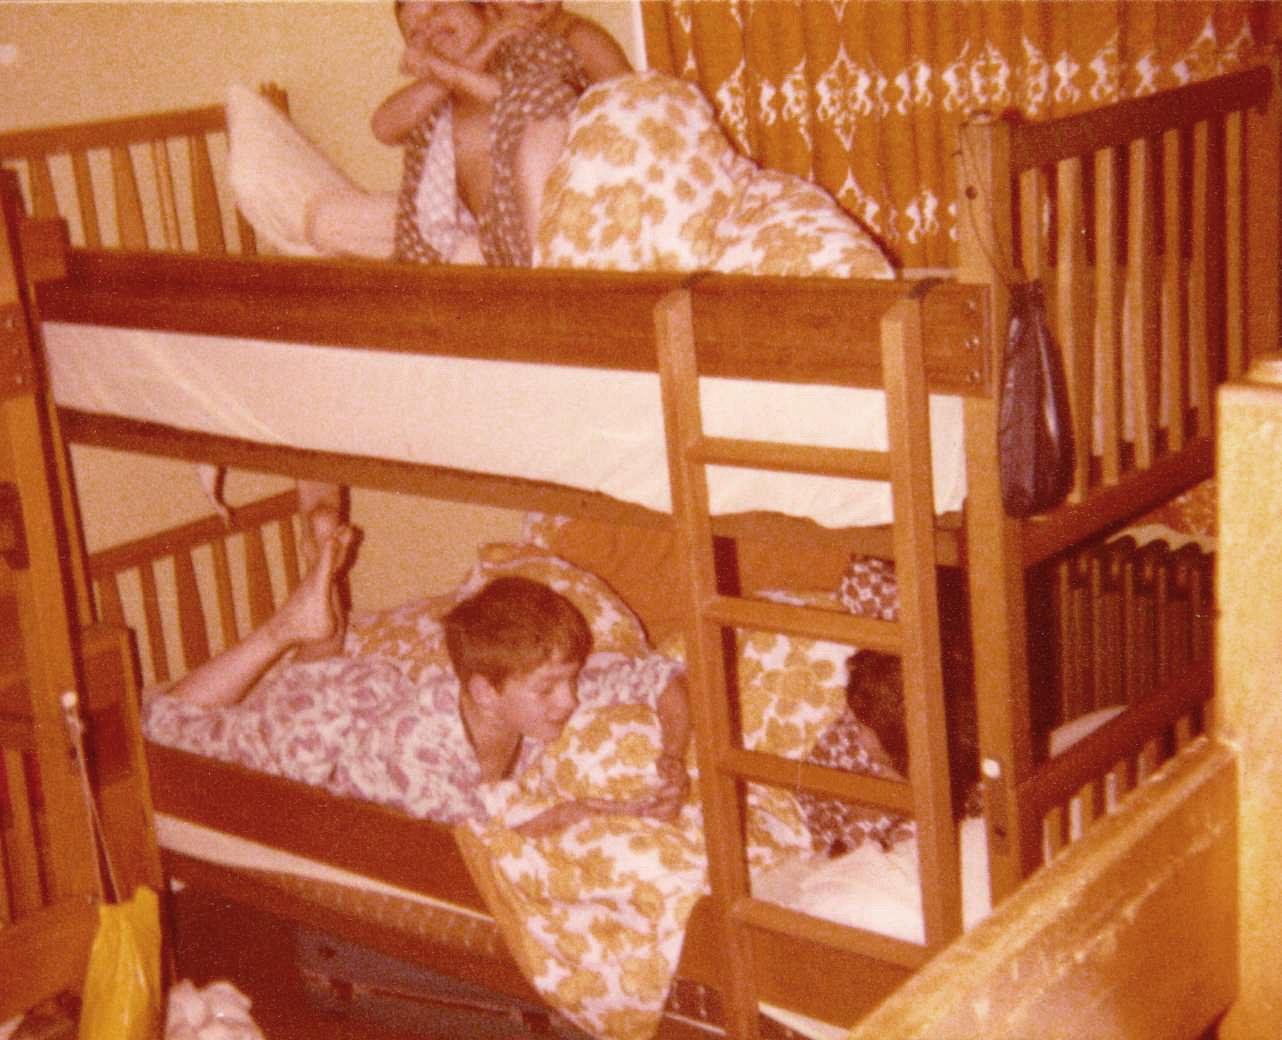 c. 1980 Barnes Close.